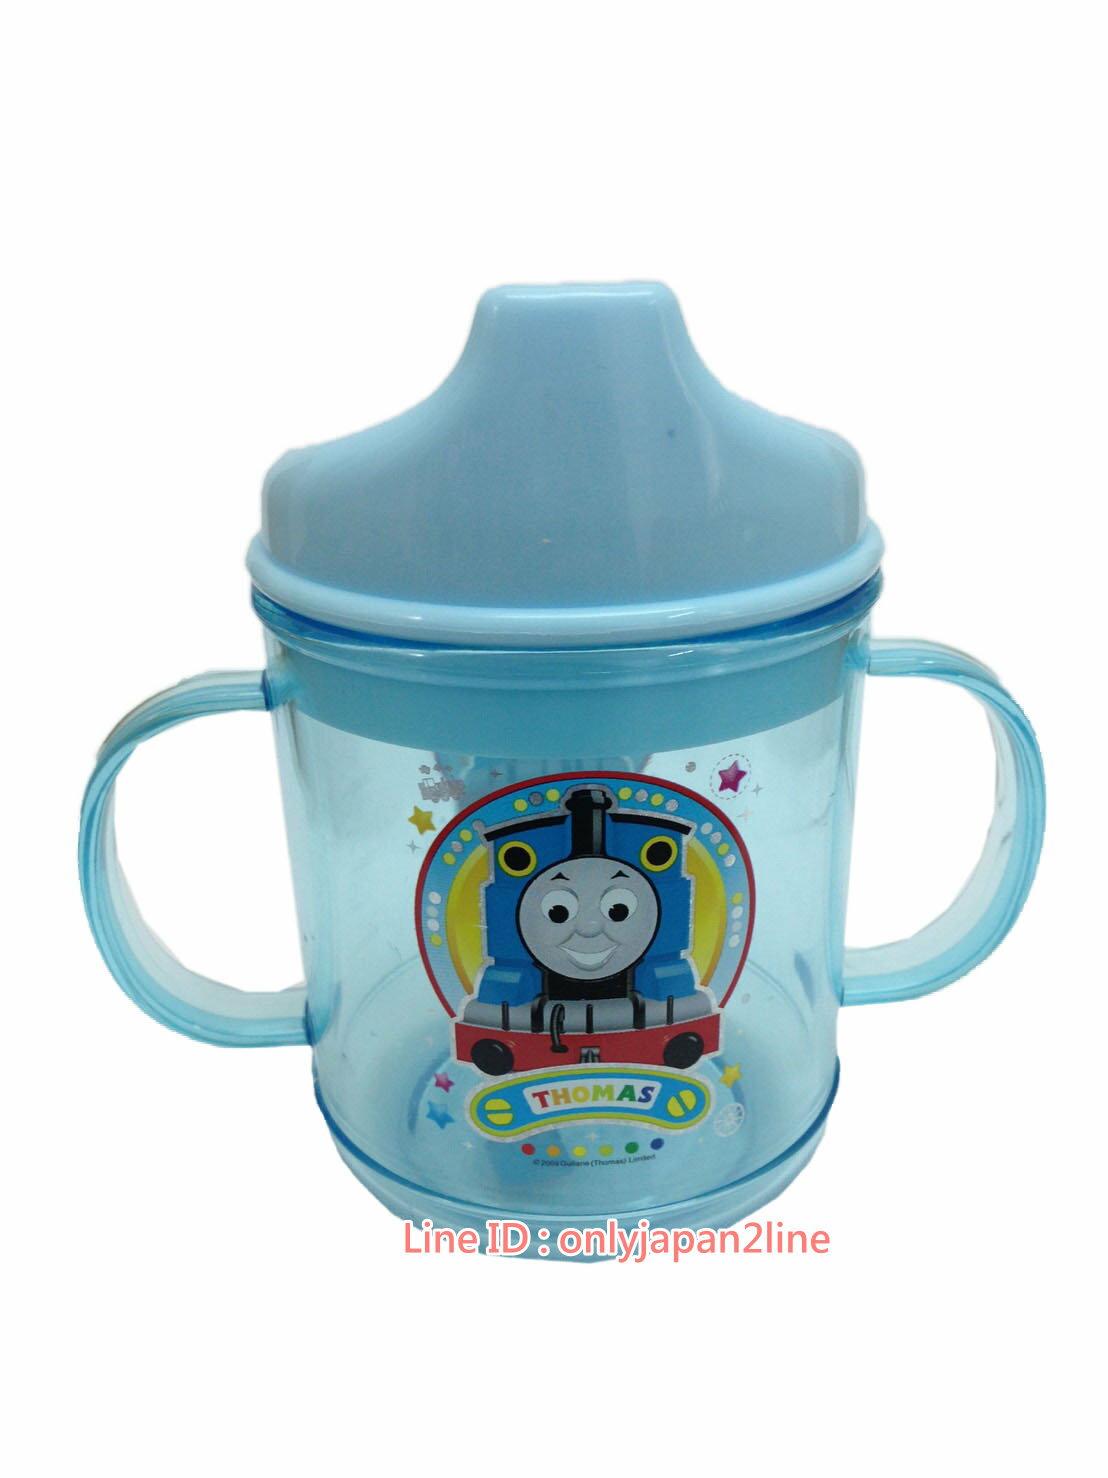 【真愛日本】 17021600010雙耳水杯-湯瑪士藍  THOMAS & FRIENDS 湯瑪士 小火車  水杯 學習杯